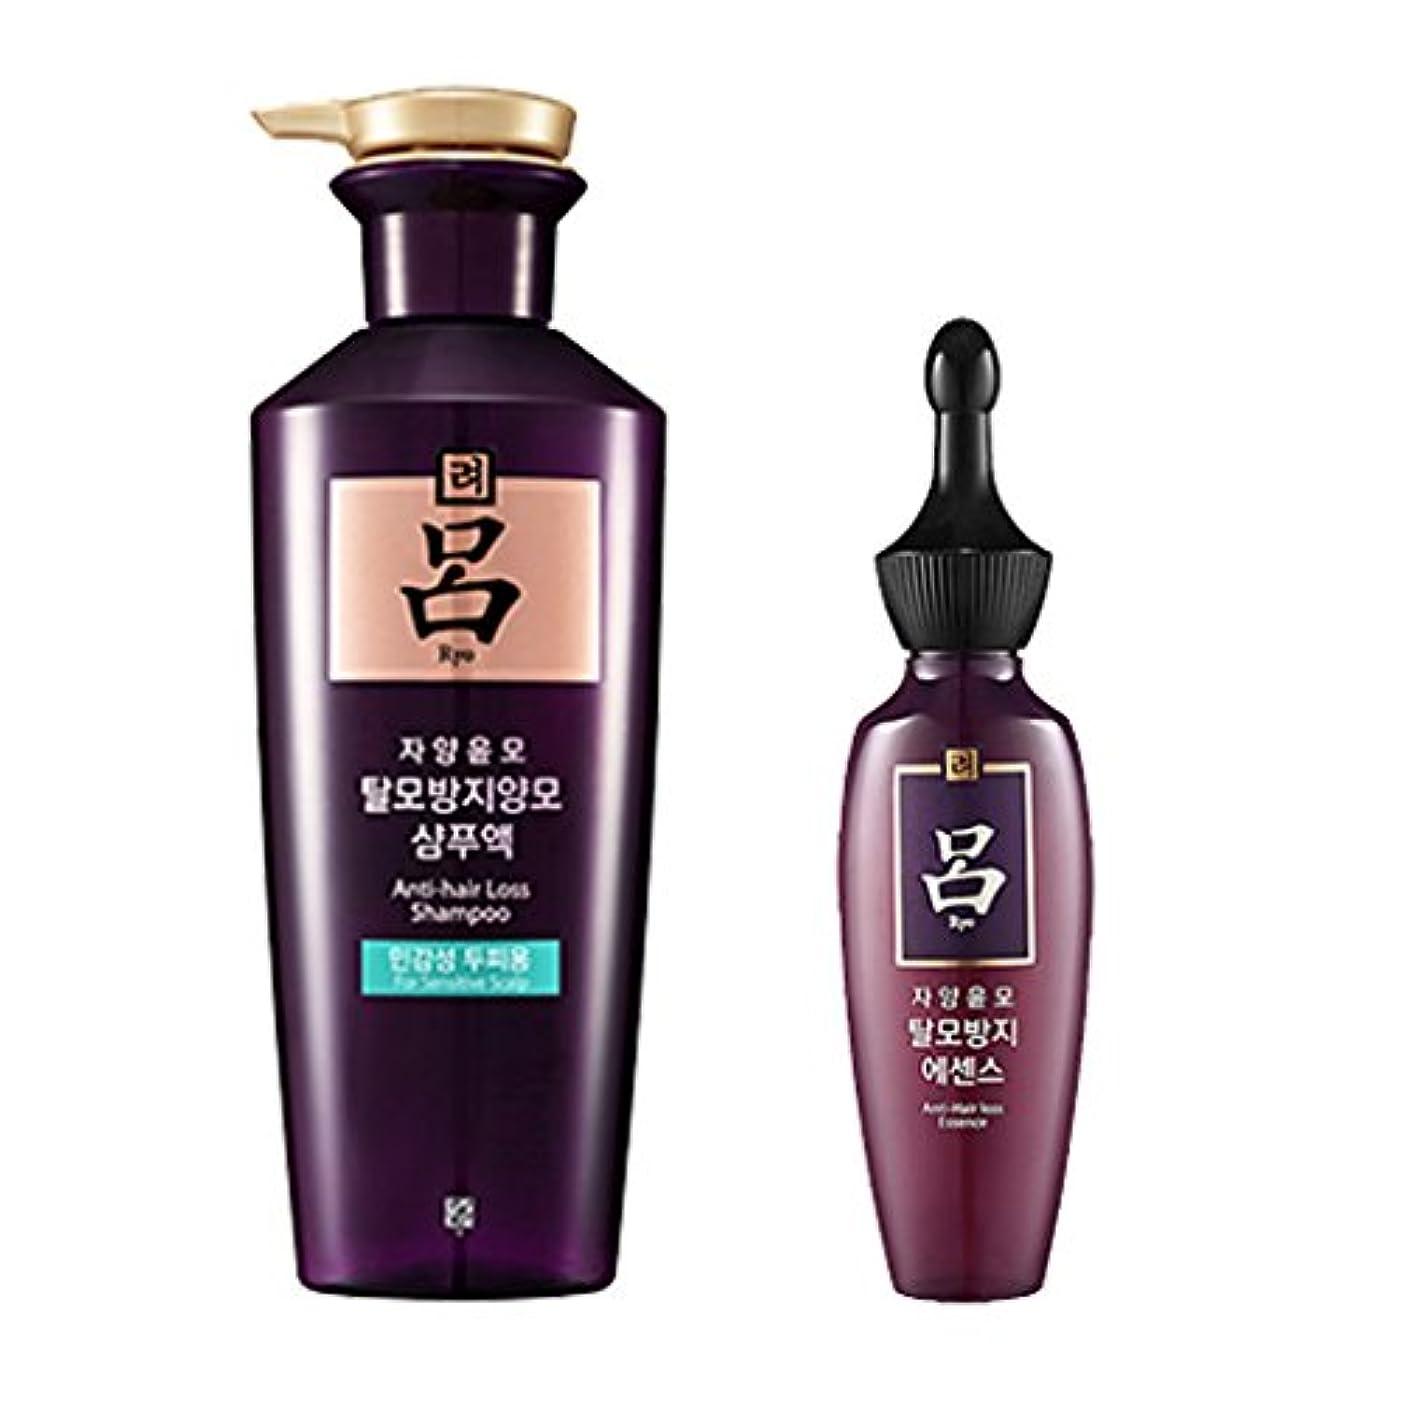 ピカソ三発掘呂(リョ) 滋養潤毛 シャンプー(敏感頭皮用) 400ml+エッセンス 75ml